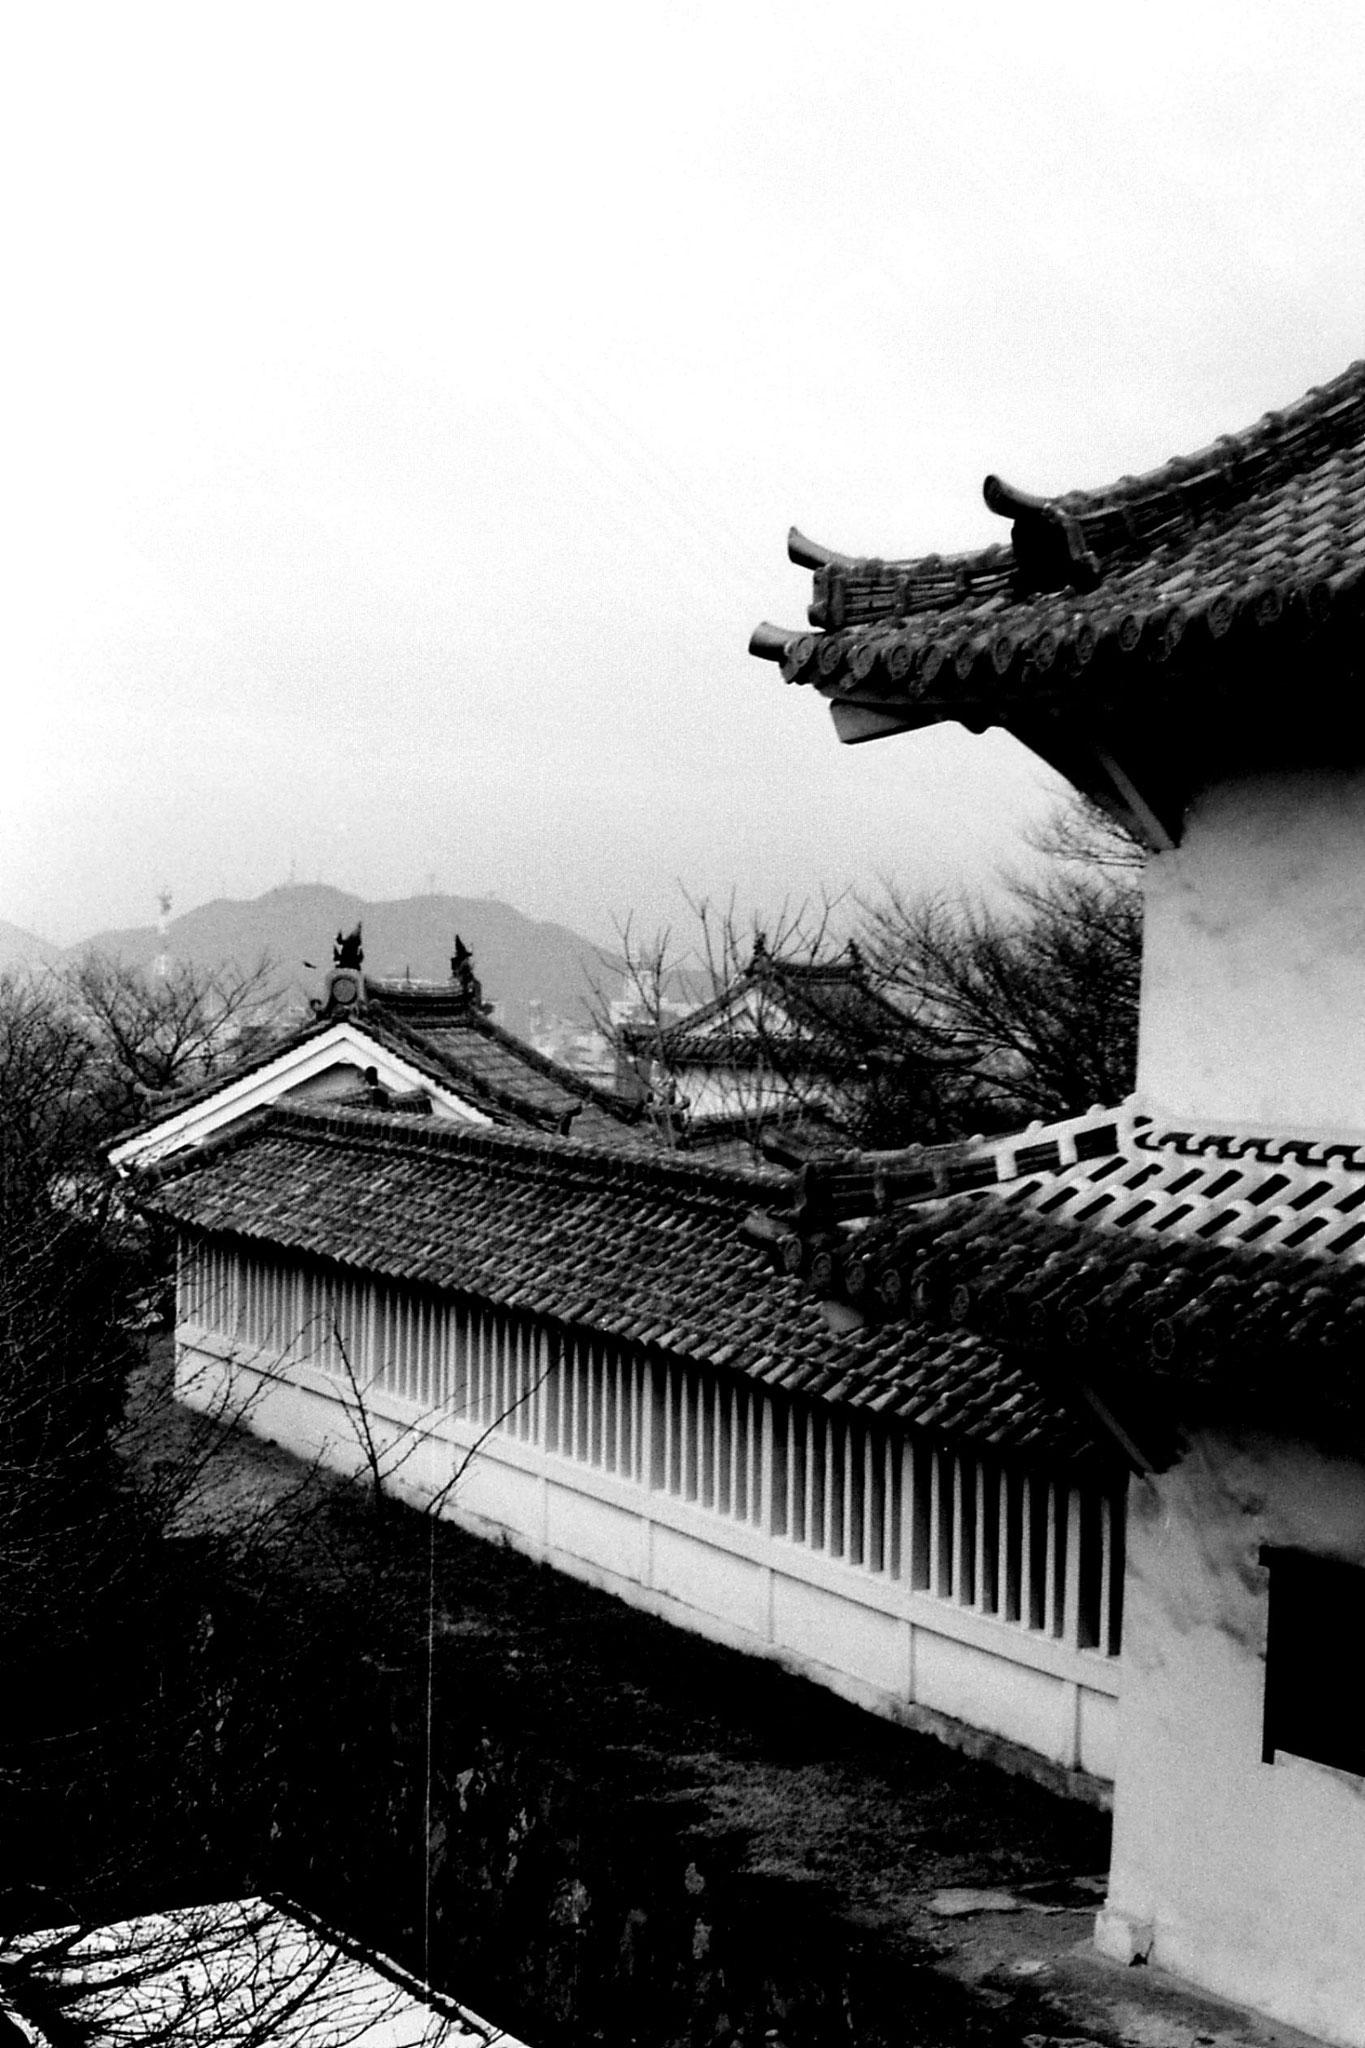 18/1/1989: 9: Himeji Castle